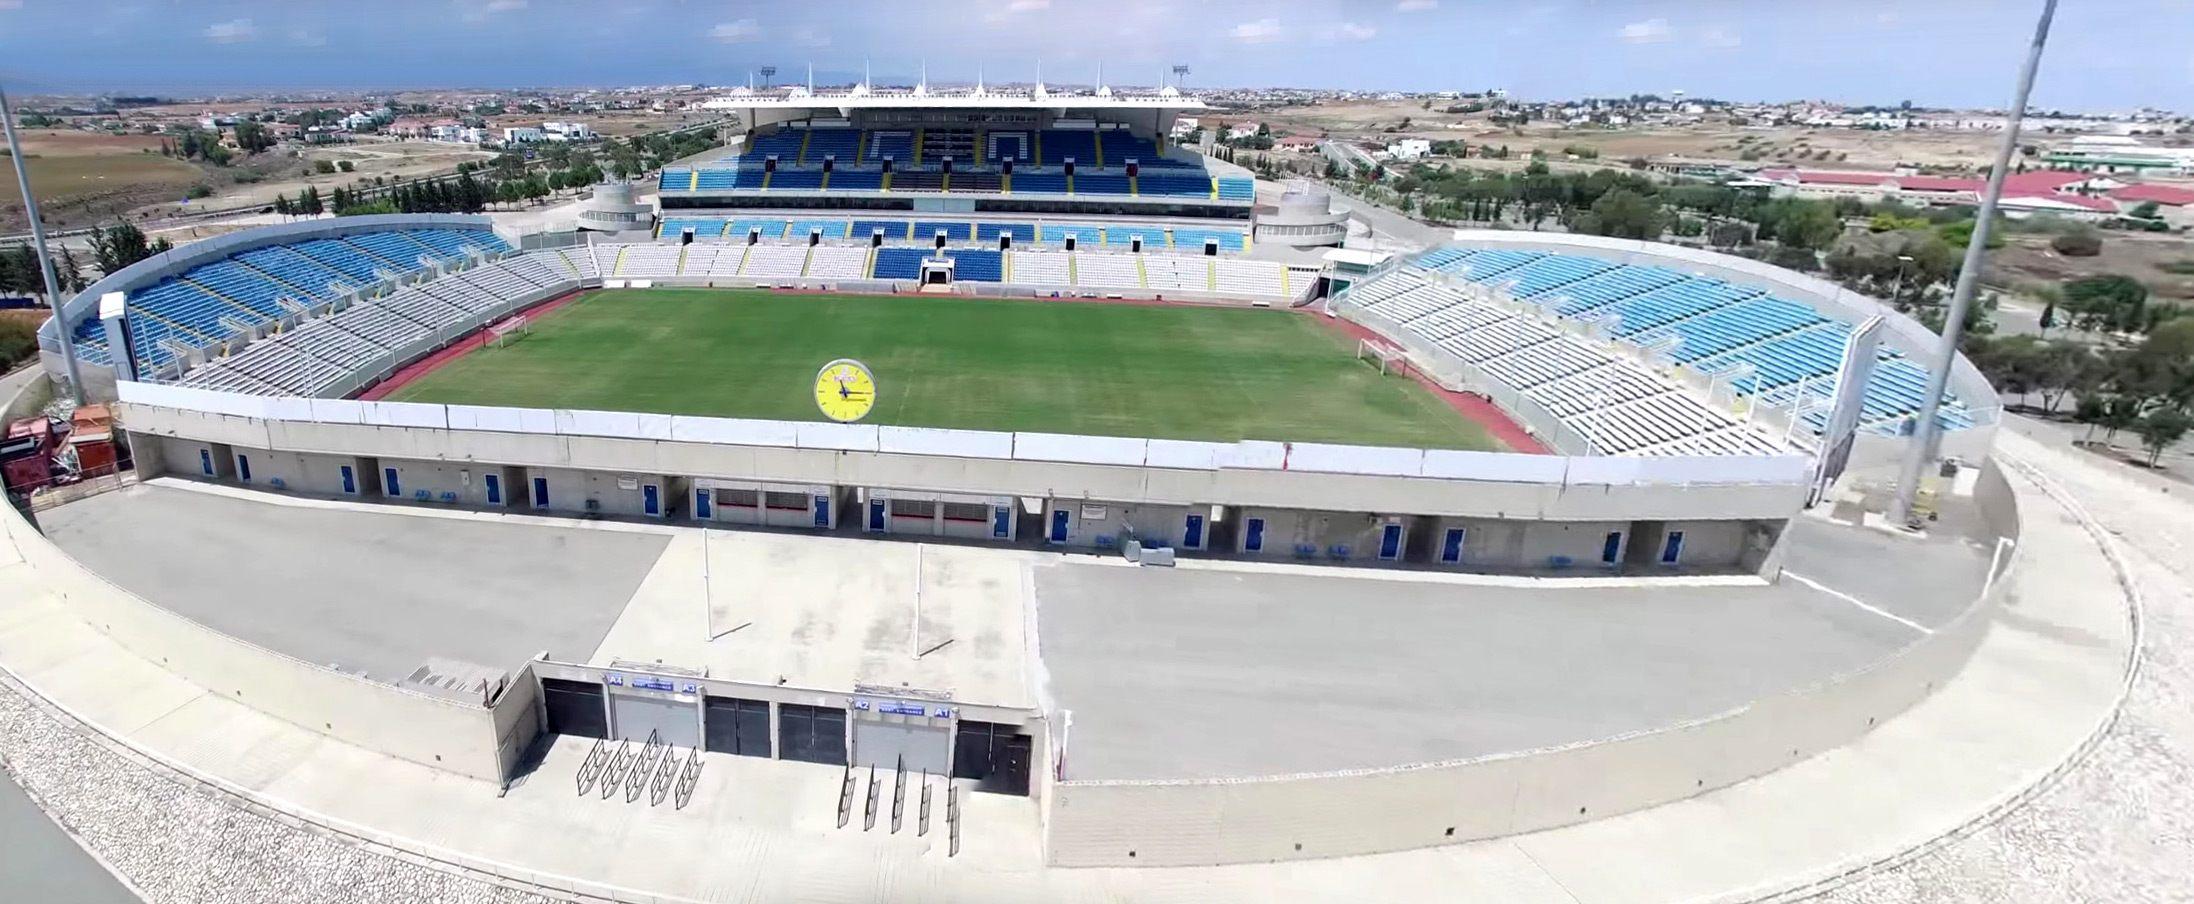 ผลการค้นหารูปภาพสำหรับ neo gsp stadium